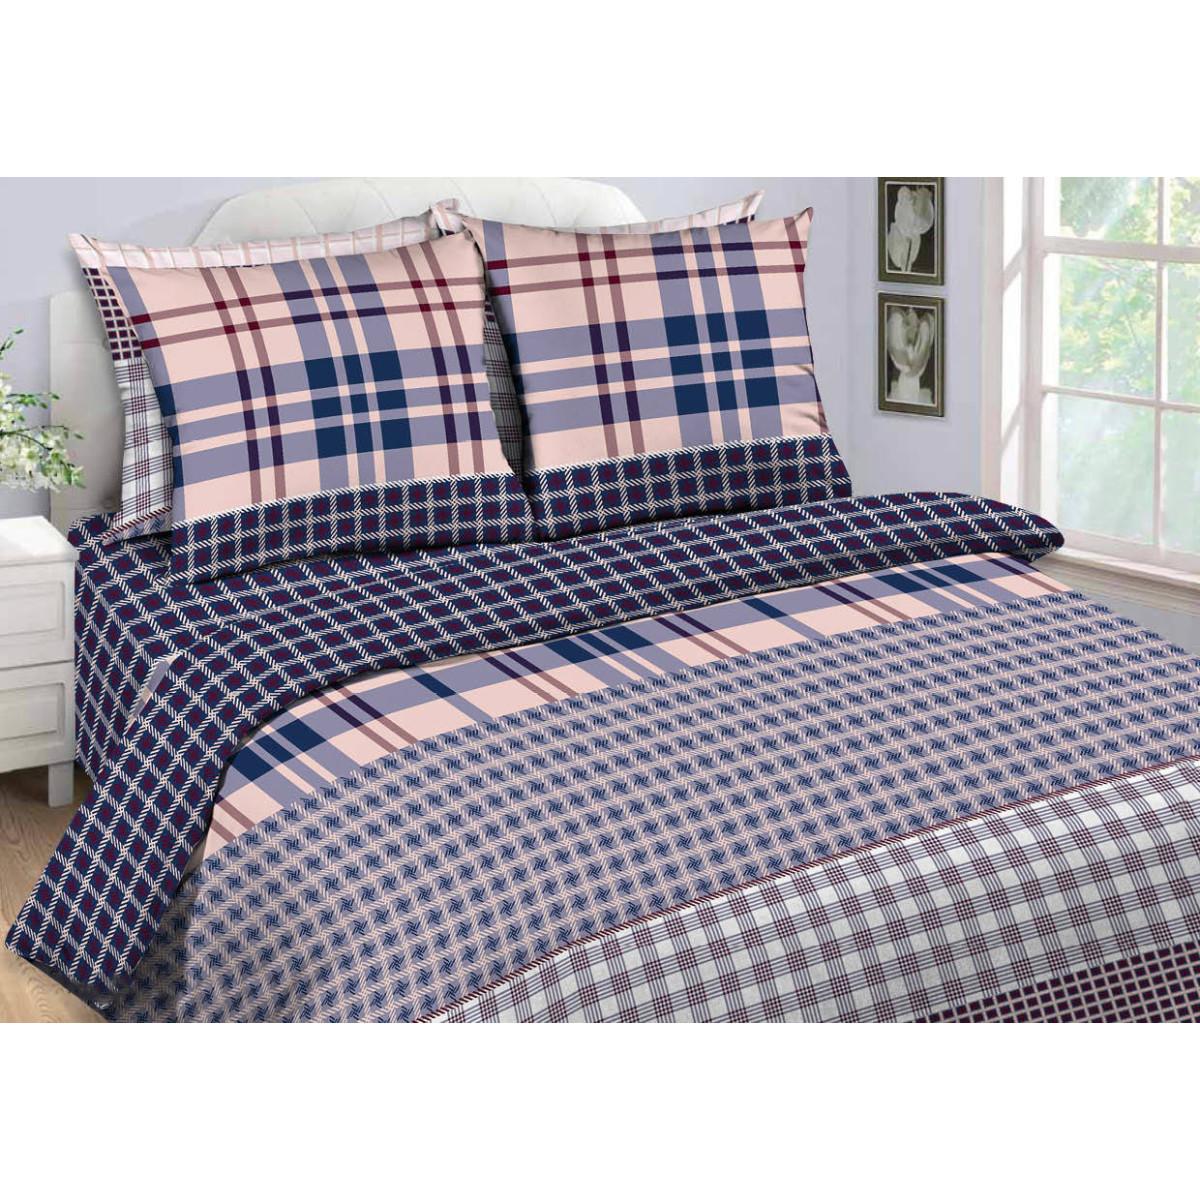 Комлплект постельного белья двуспальный «Нежный штрих» бязь 70x70 см